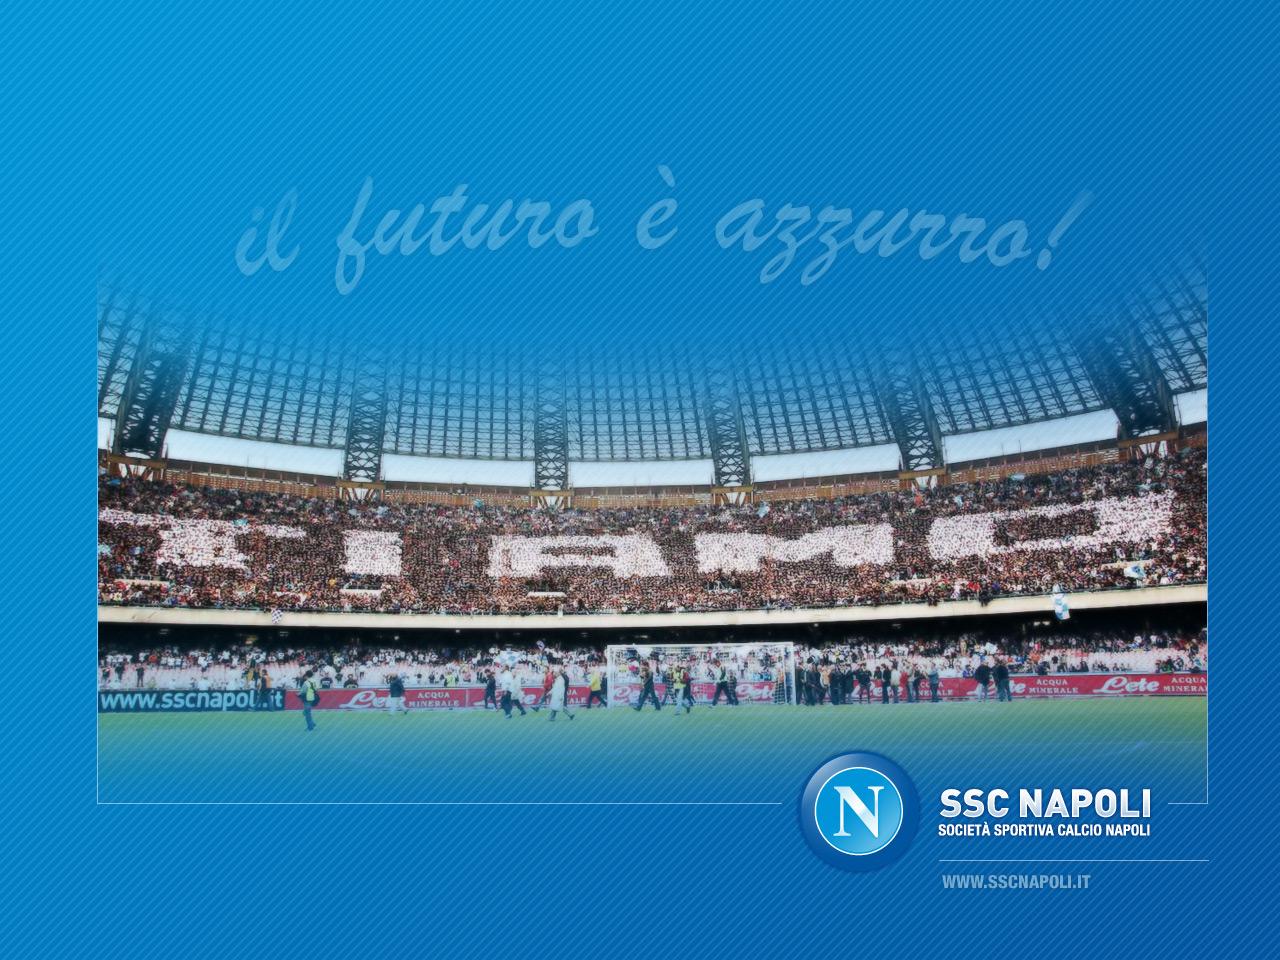 http://3.bp.blogspot.com/-JyIGTxoLAGA/Th9O2KUe_wI/AAAAAAAABK4/FL0mOr1ujEs/s1600/Napoli+Wallpaper+6.jpg